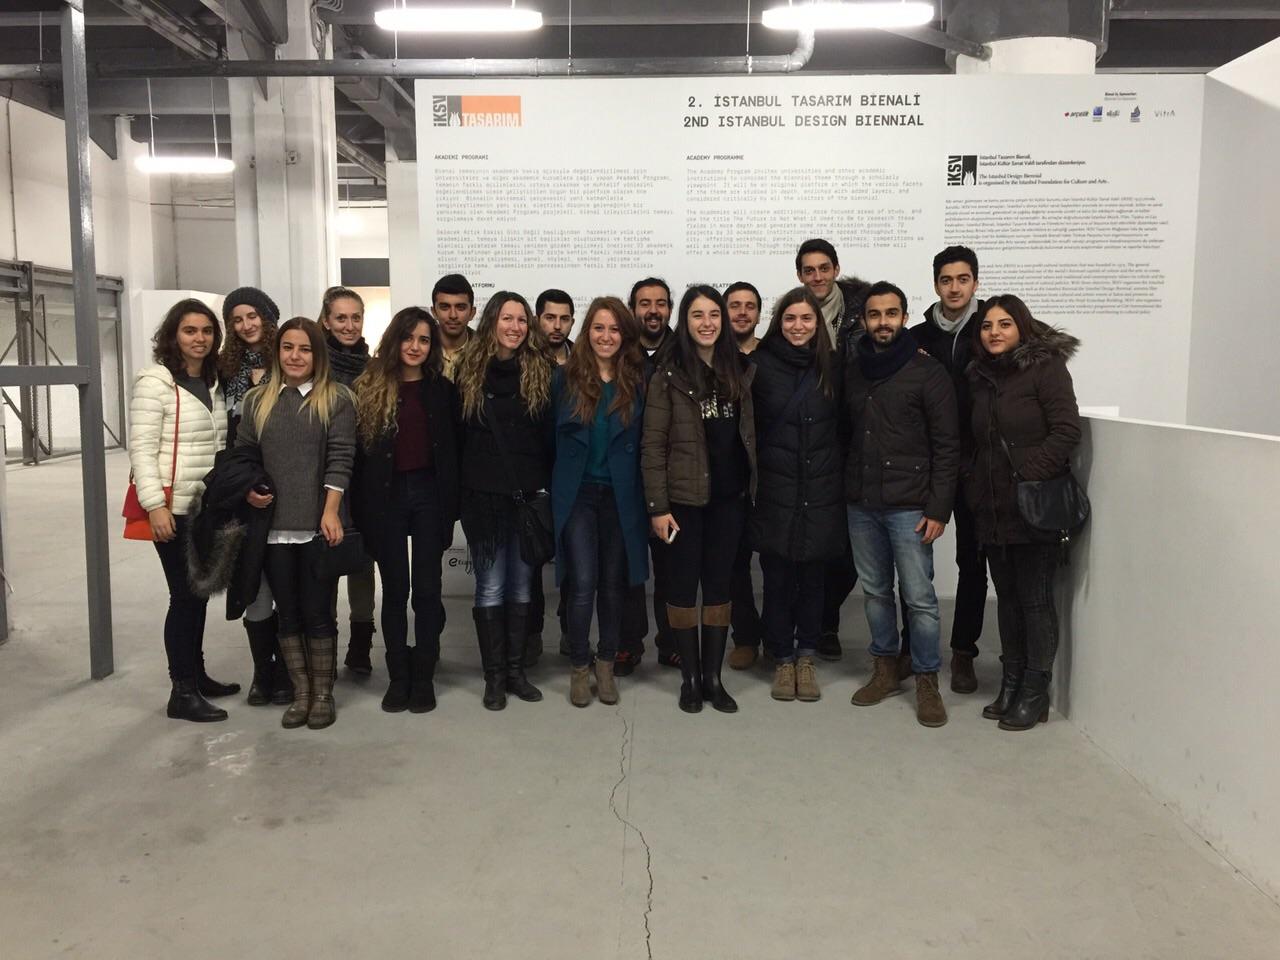 23.11.2014 / 2. İstanbul Tasarım Bienali Gezisi